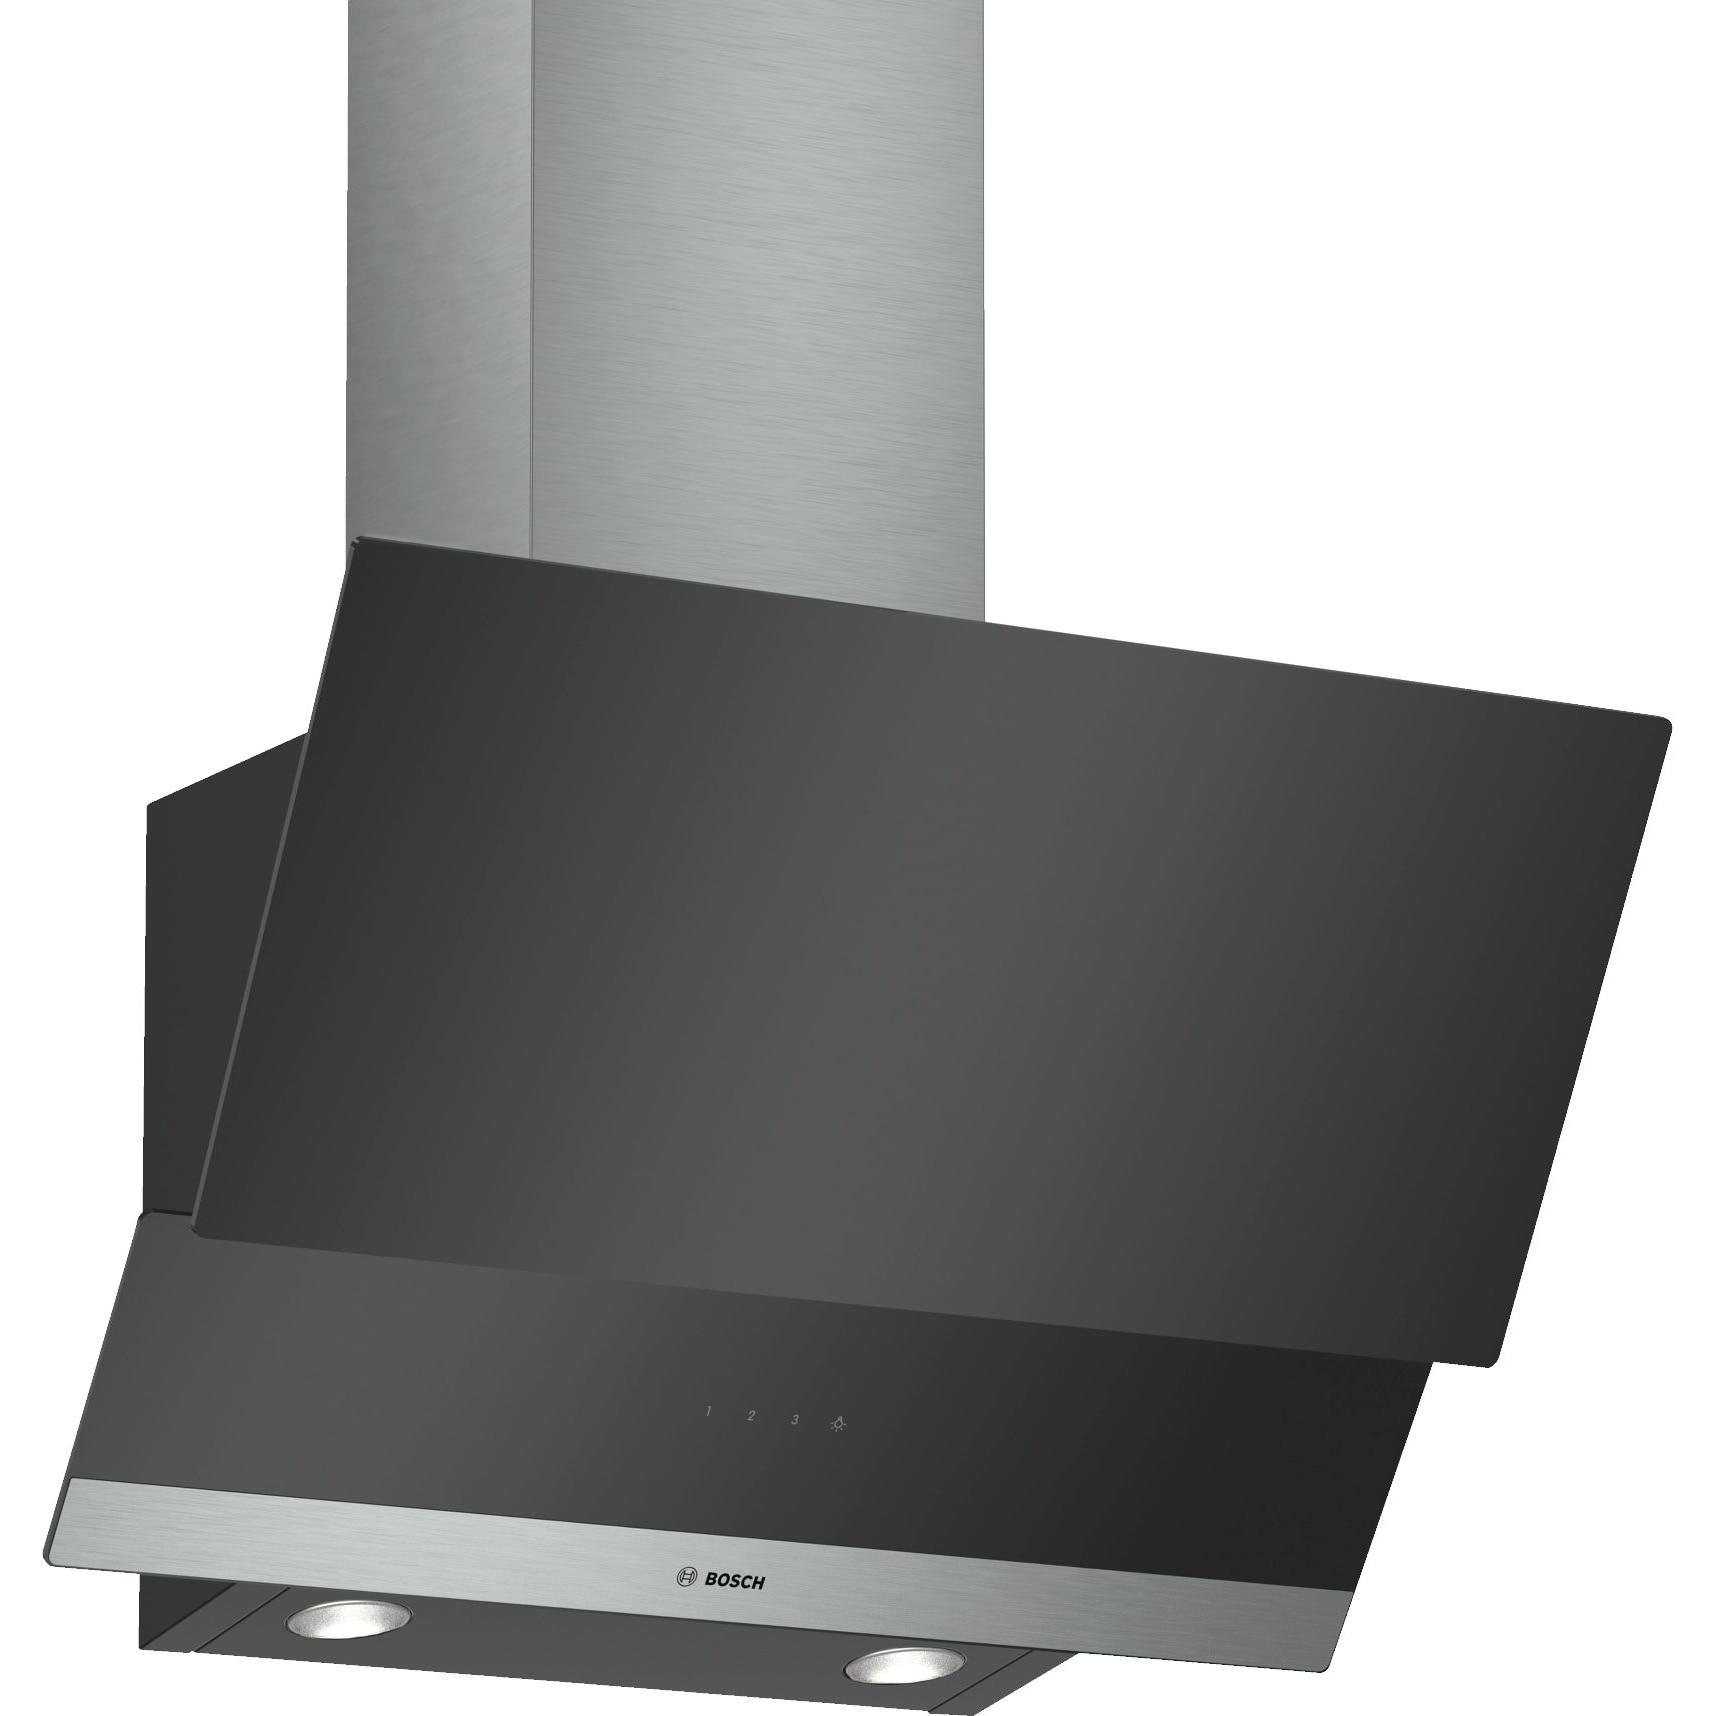 Fotografie Hota incorporabila decorativa Bosch DWK065G60, Putere de absorbtie 593 mc/h, 60 cm, Sticla neagra